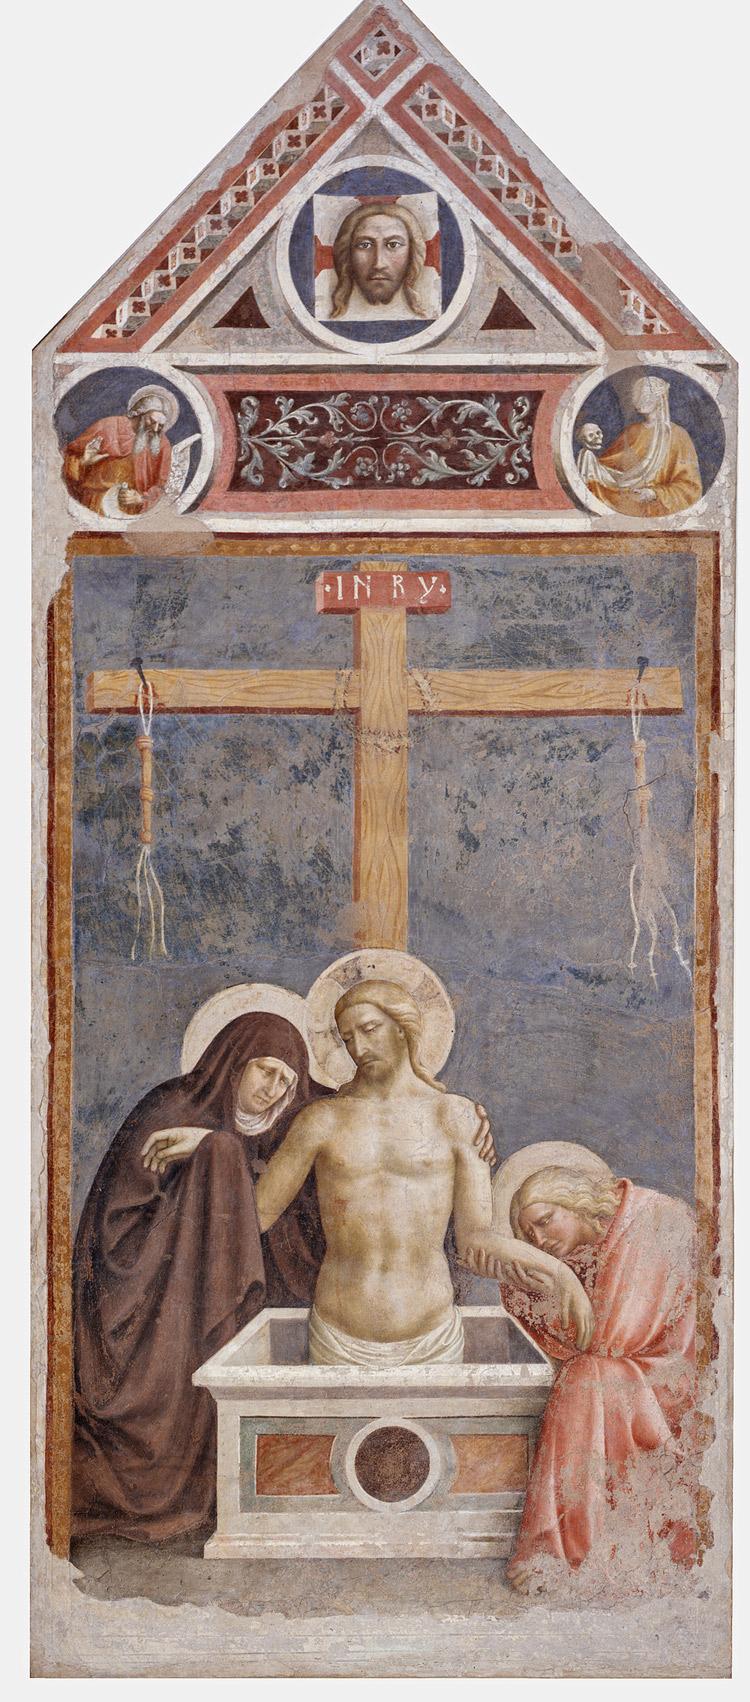 Masolino da Panicale, Cristo in pietà